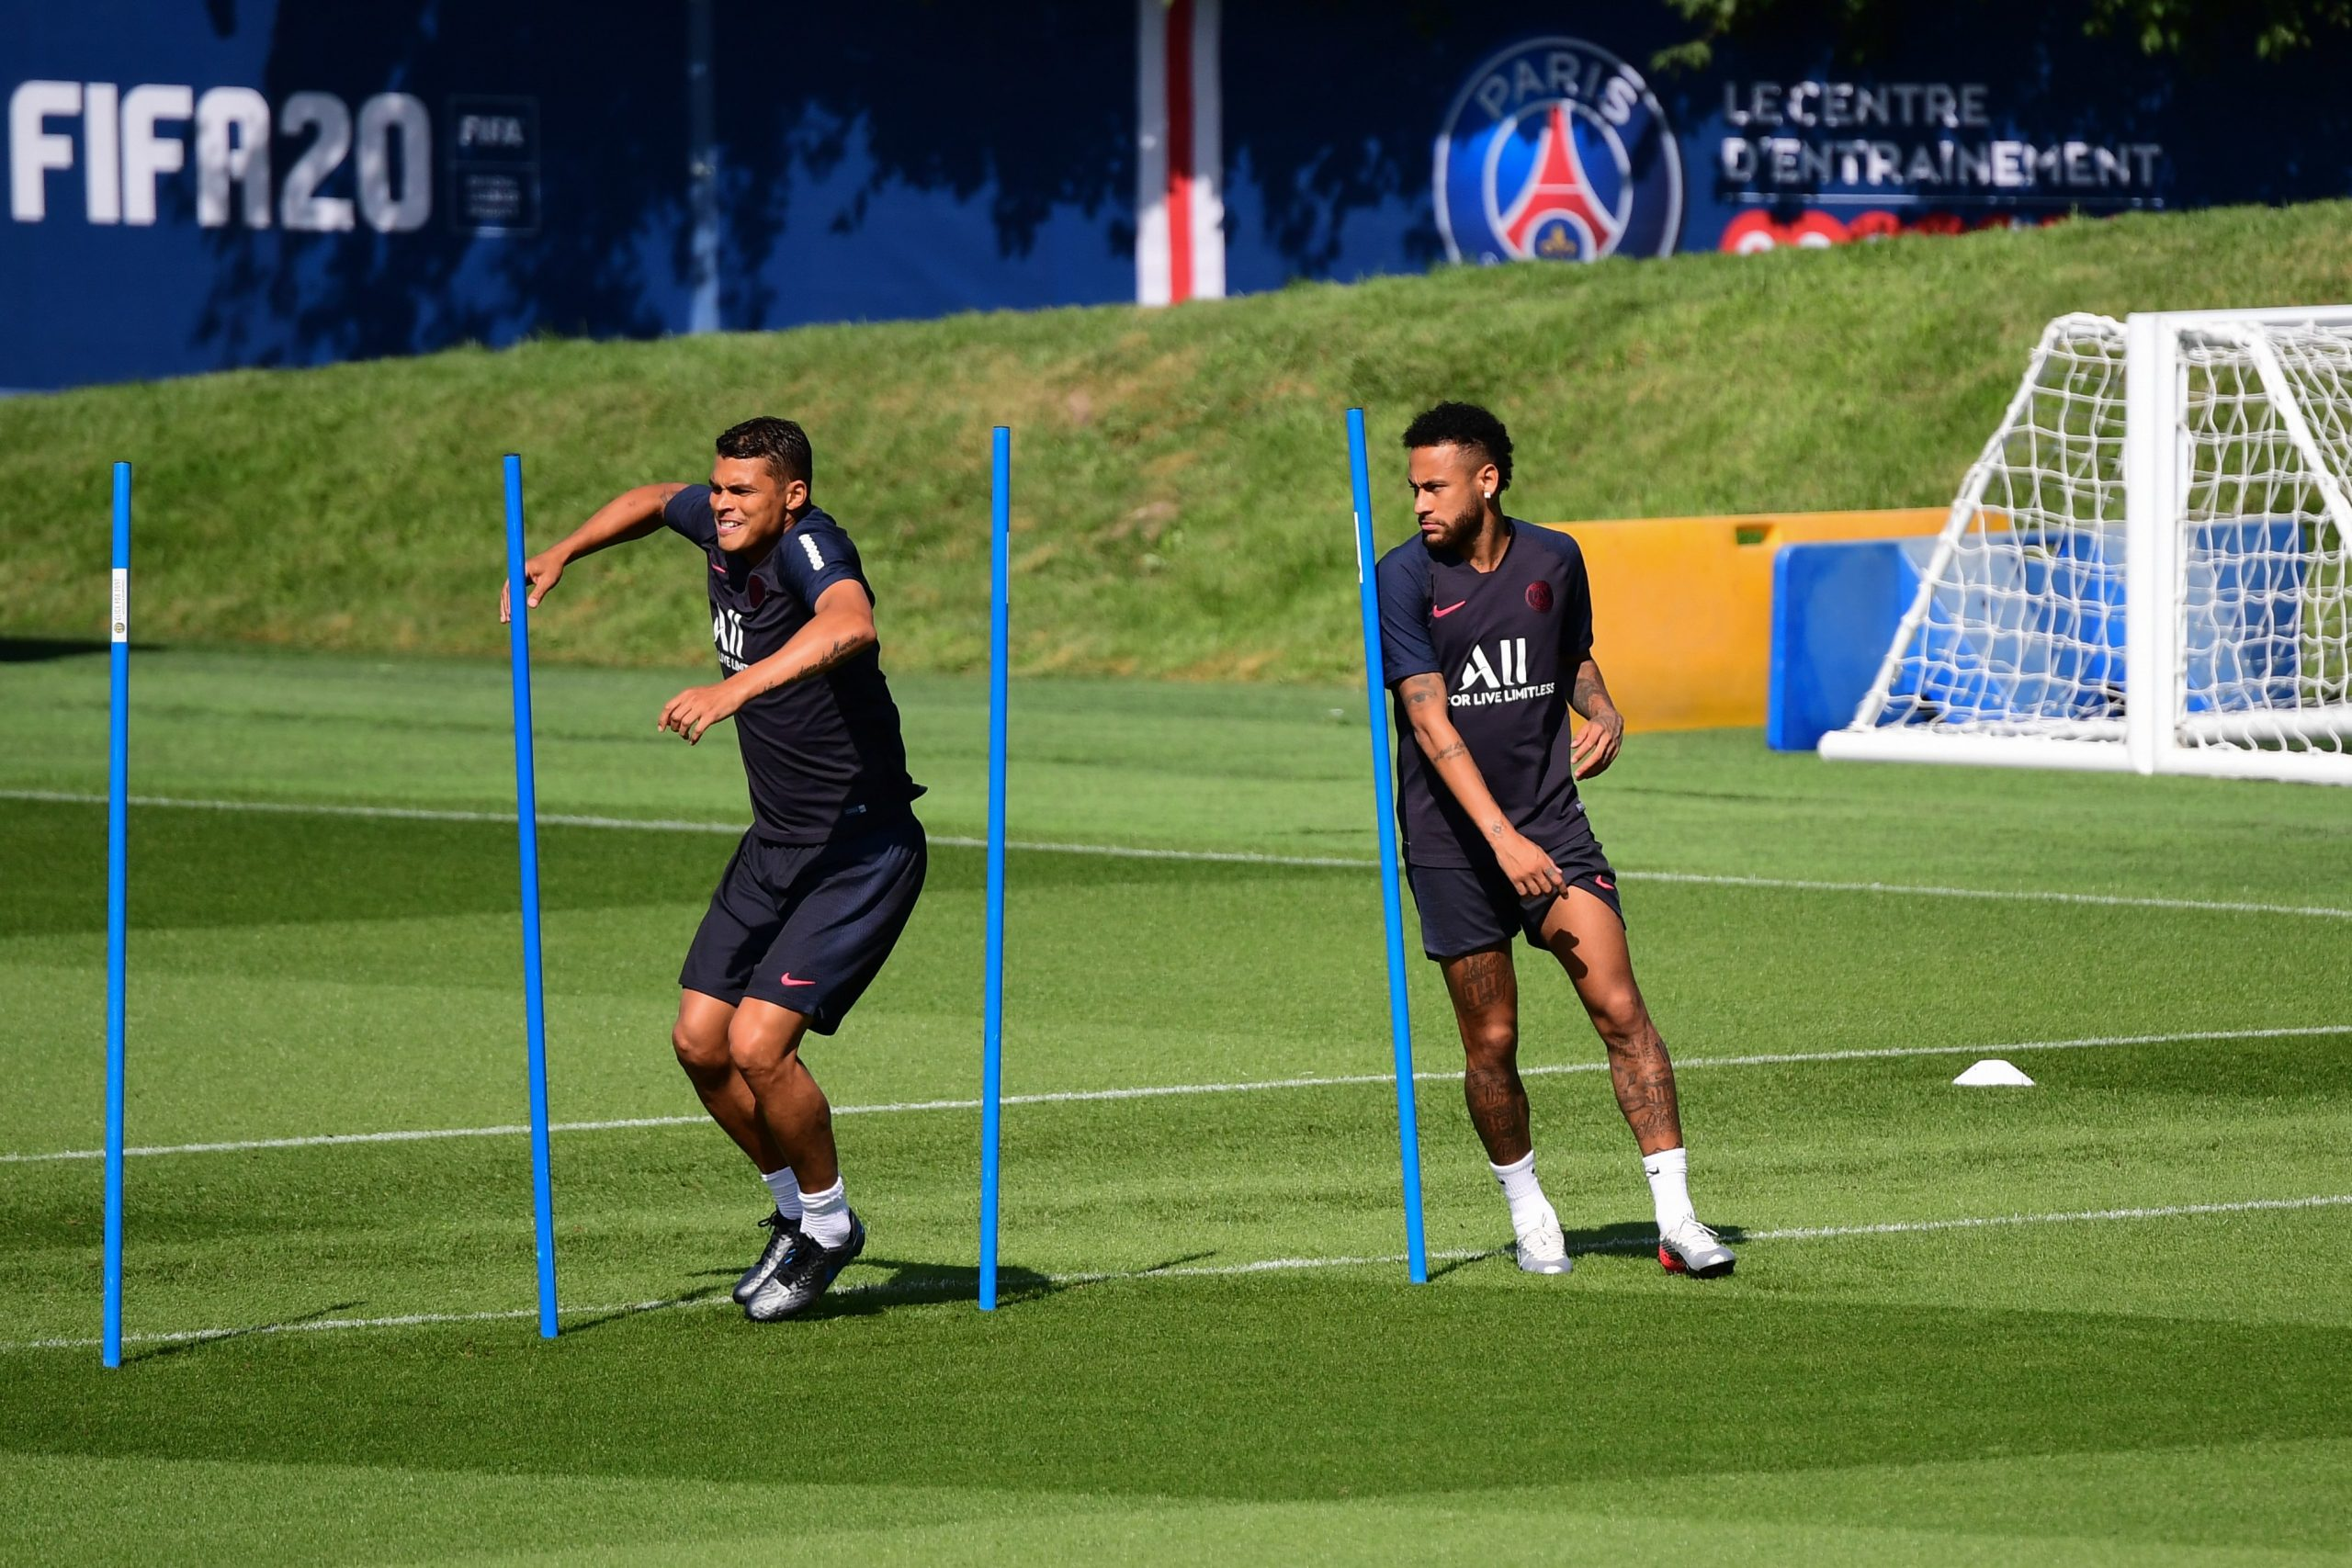 Le PSG a tenté de convaincre Neymar et Thiago Silva de rester à Paris, selon UOL